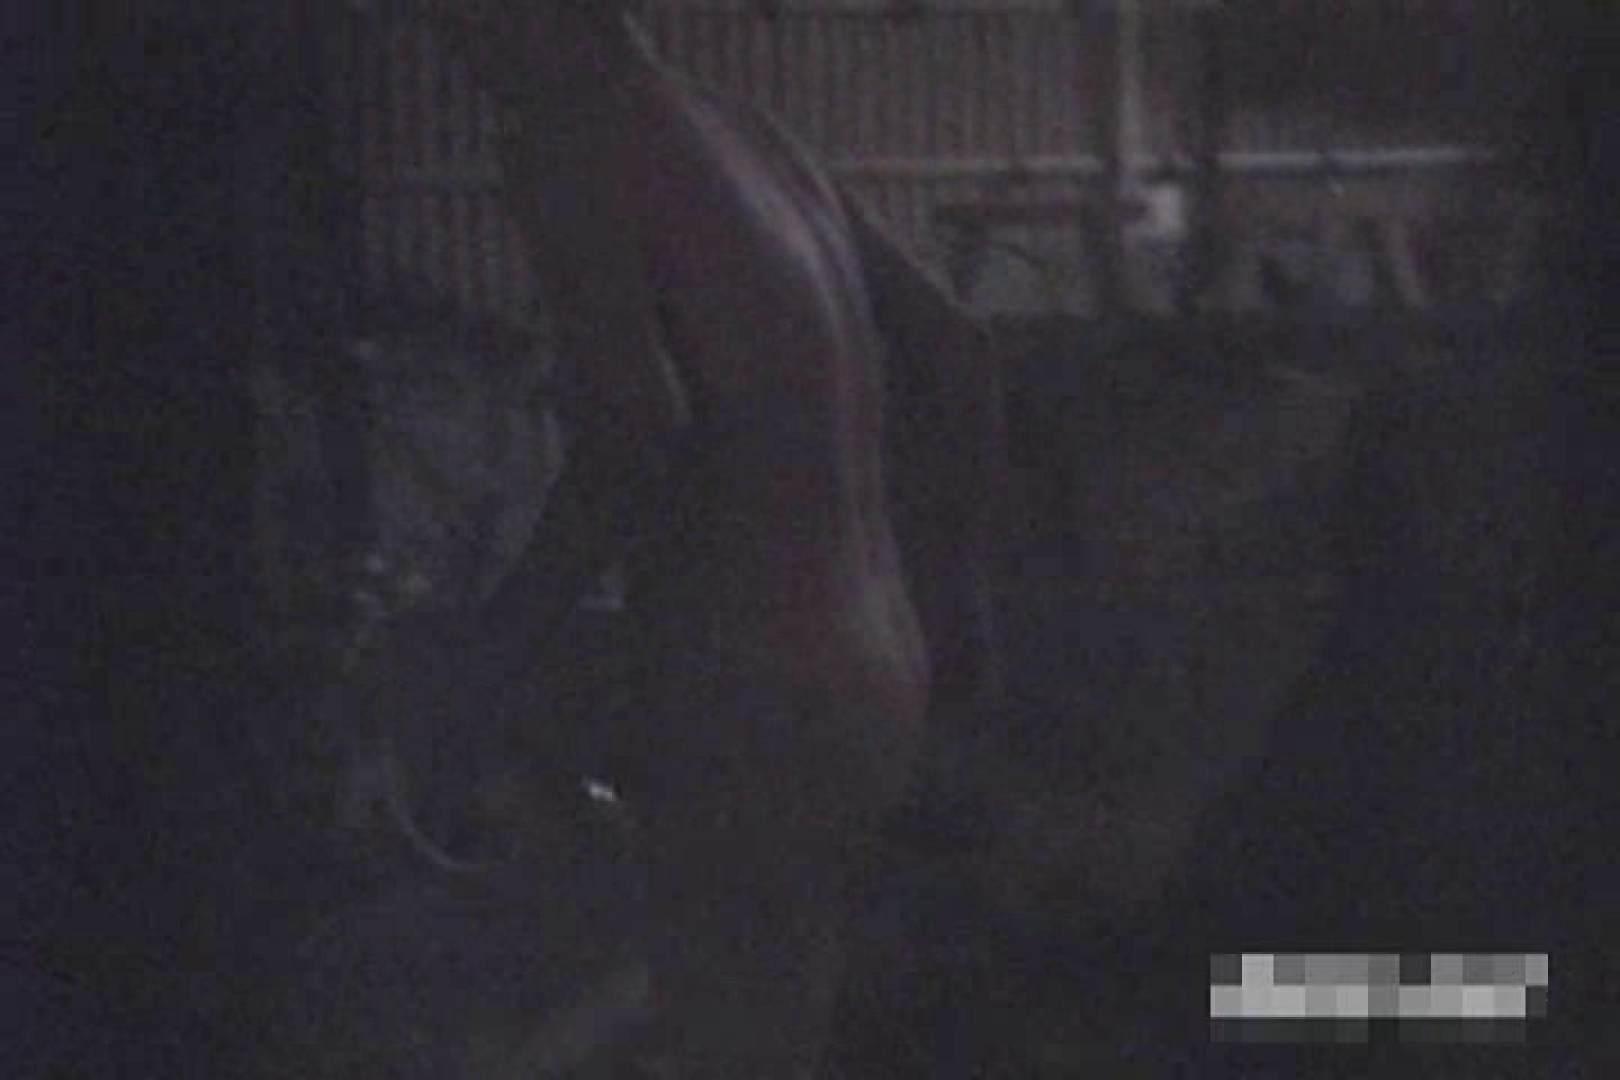 深夜の撮影会Vol.4 お姉さんのヌード AV無料動画キャプチャ 59画像 5